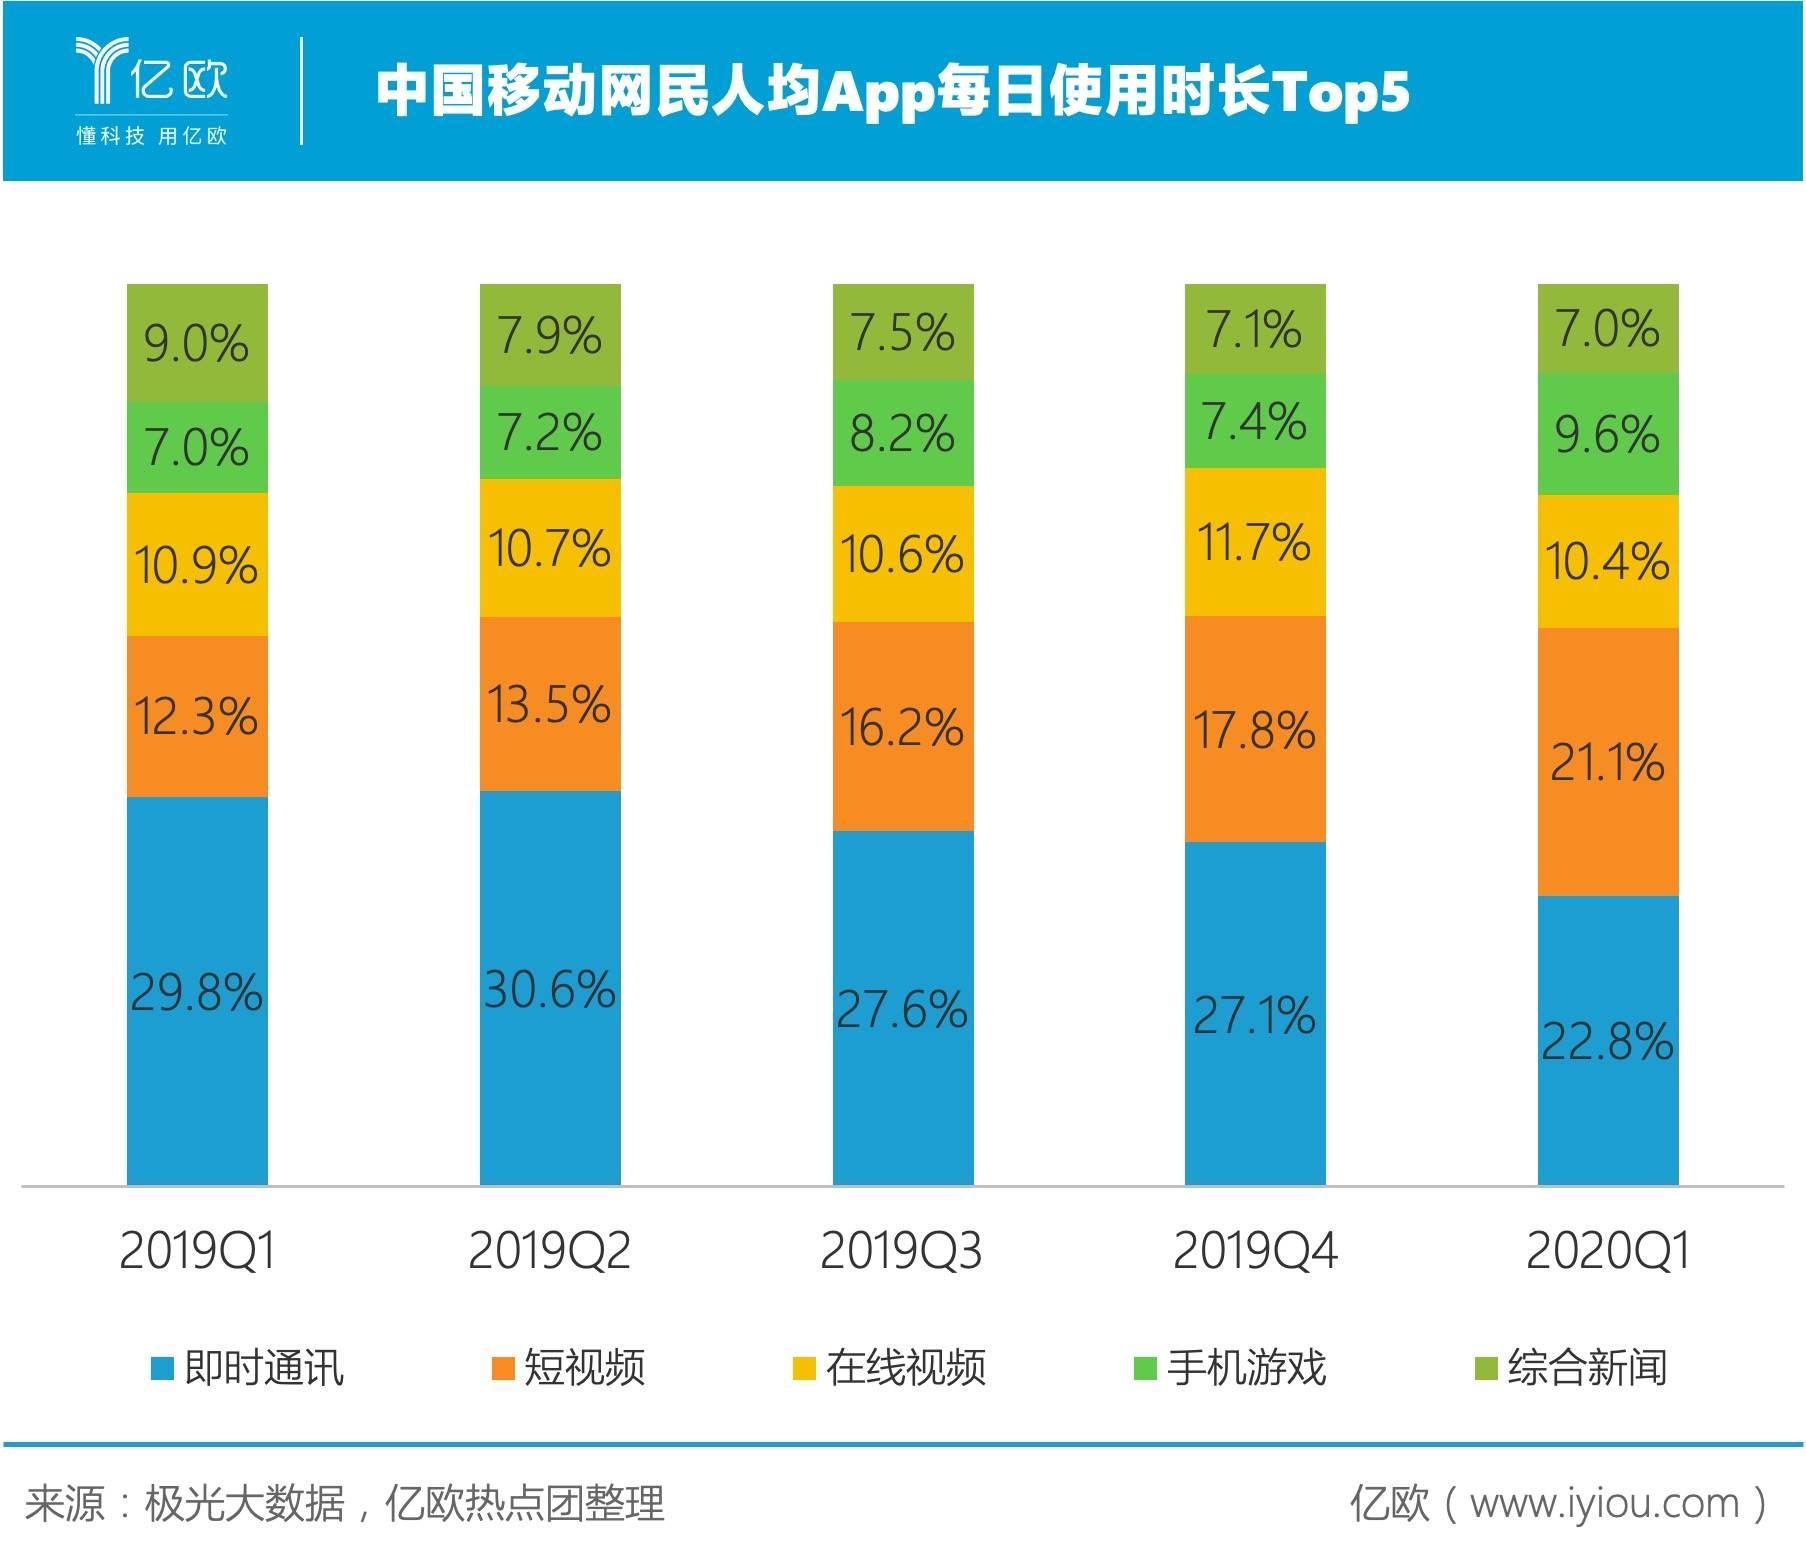 中国移动网民人均App每日使用时长Top 5